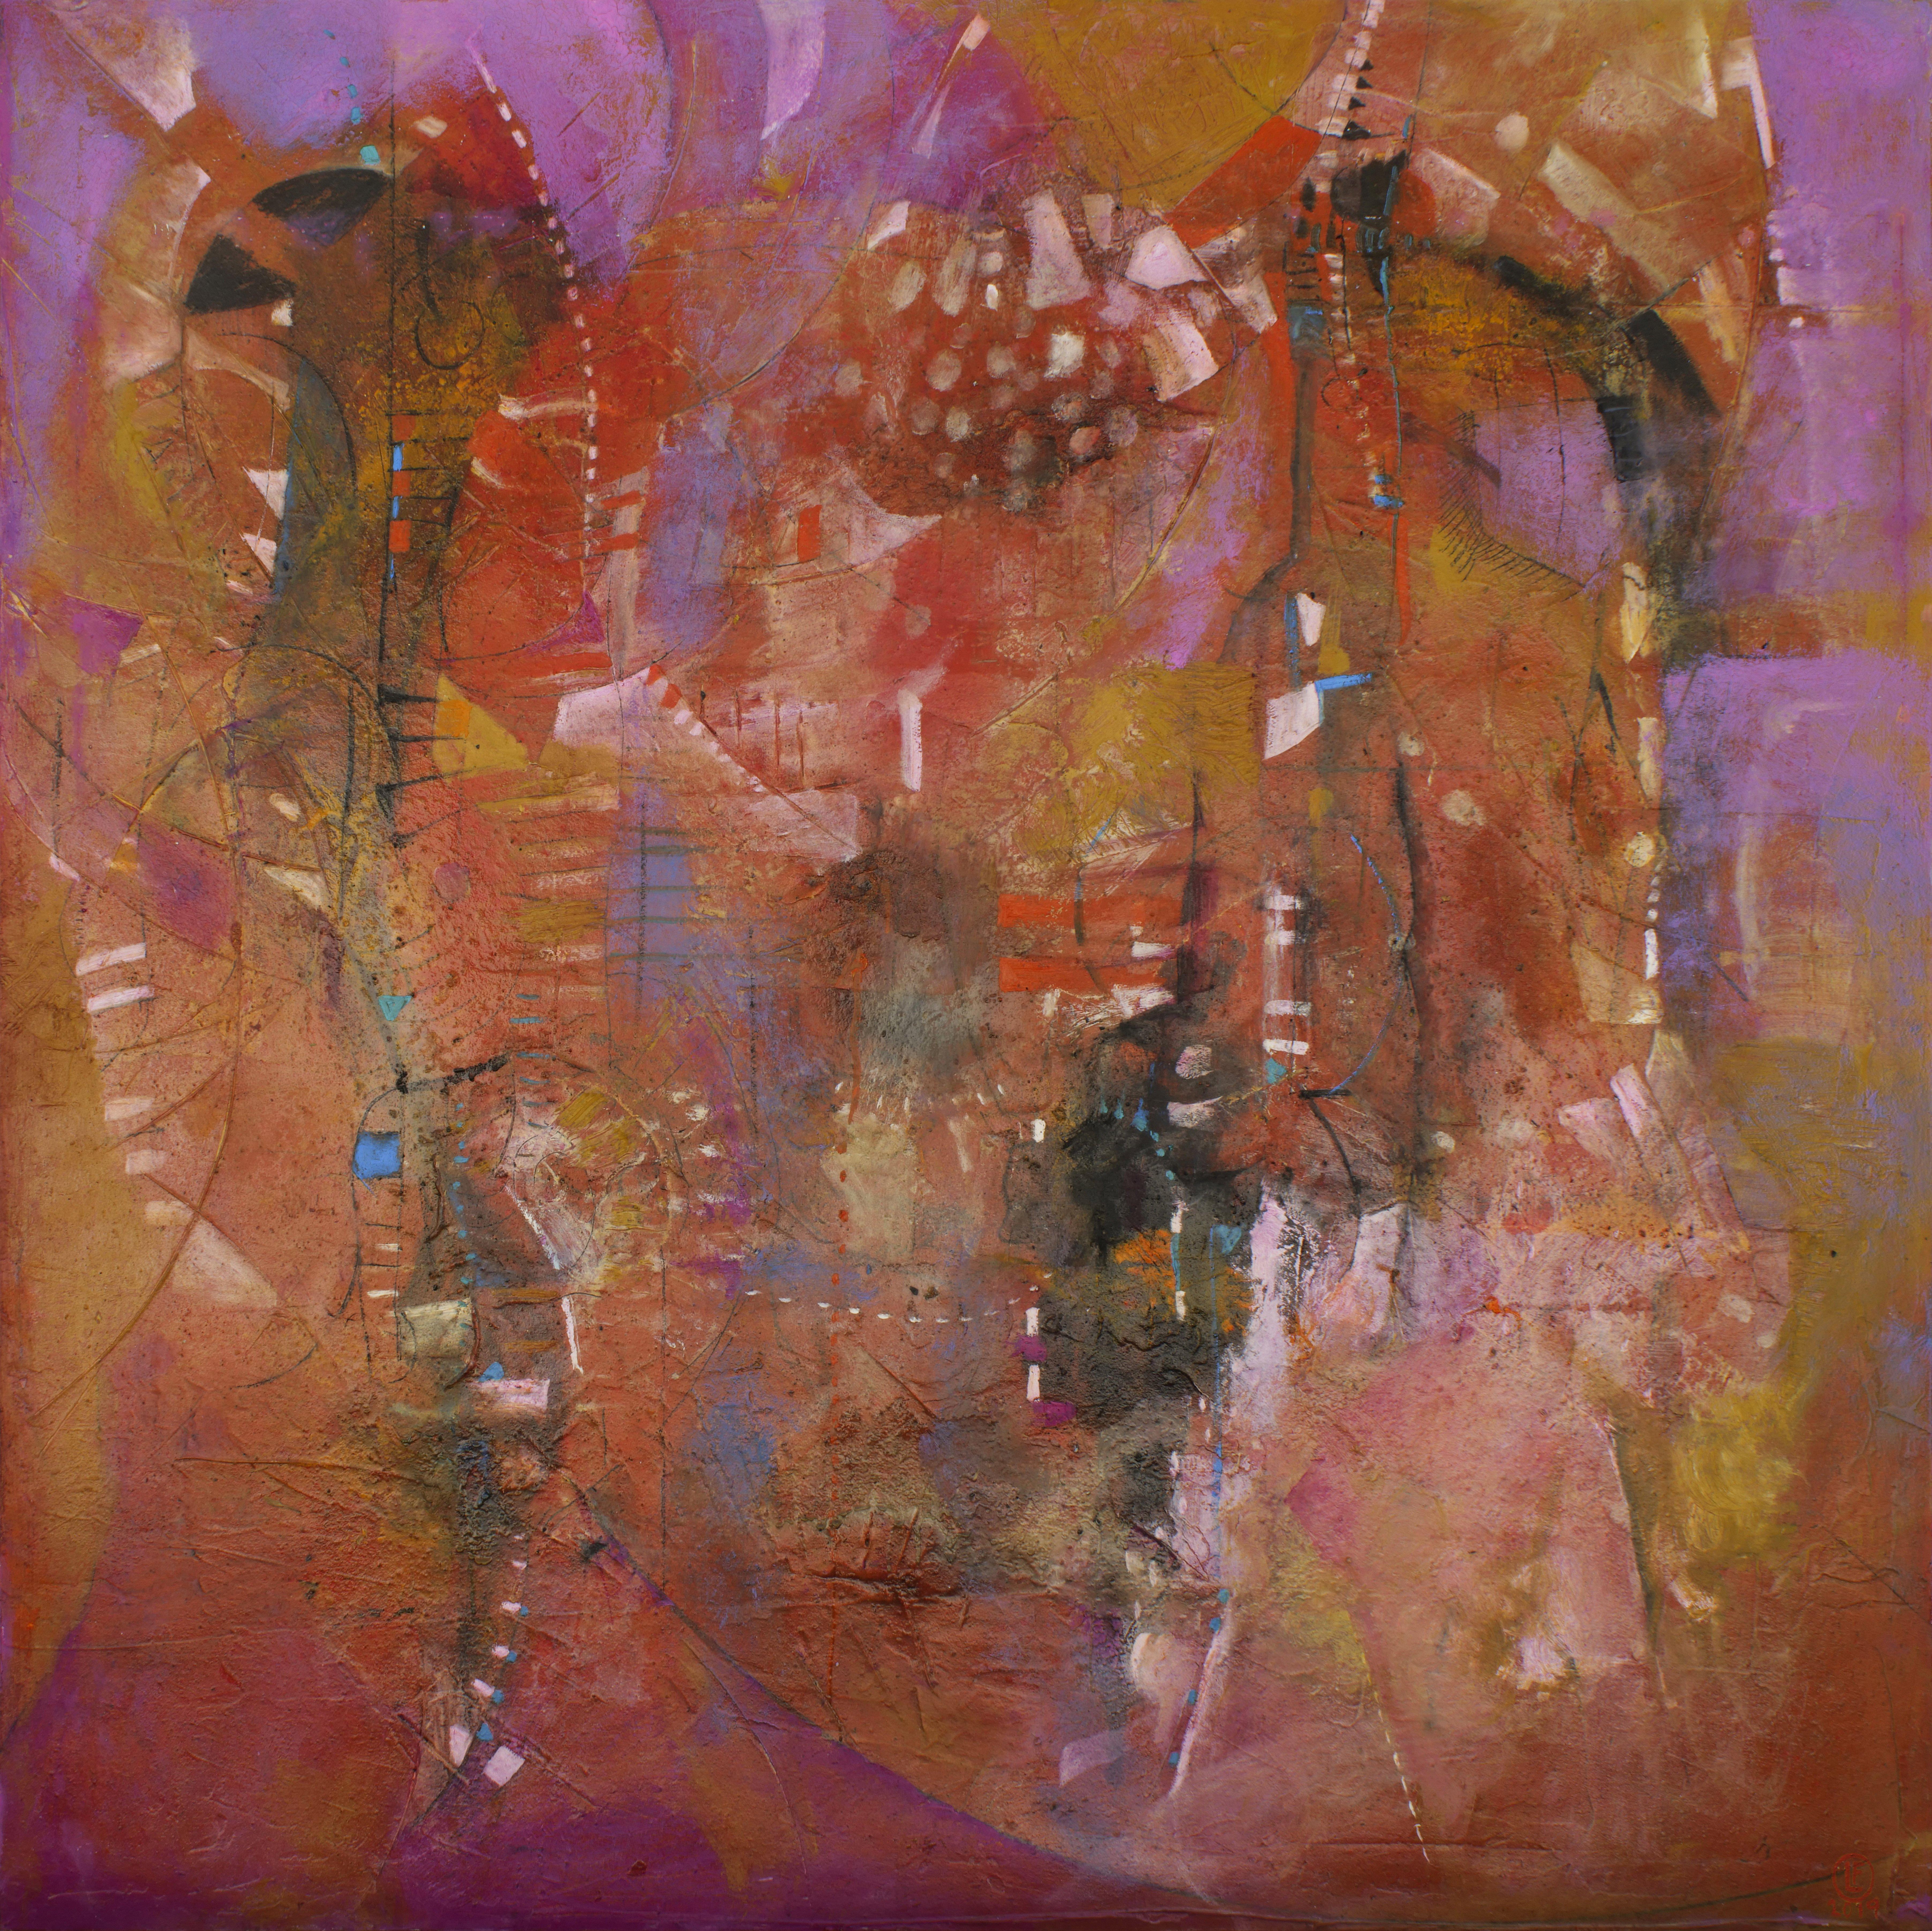 Danzantes de Fuego óleo s/tela 180 x  180 cms. / 71 x 71 inches